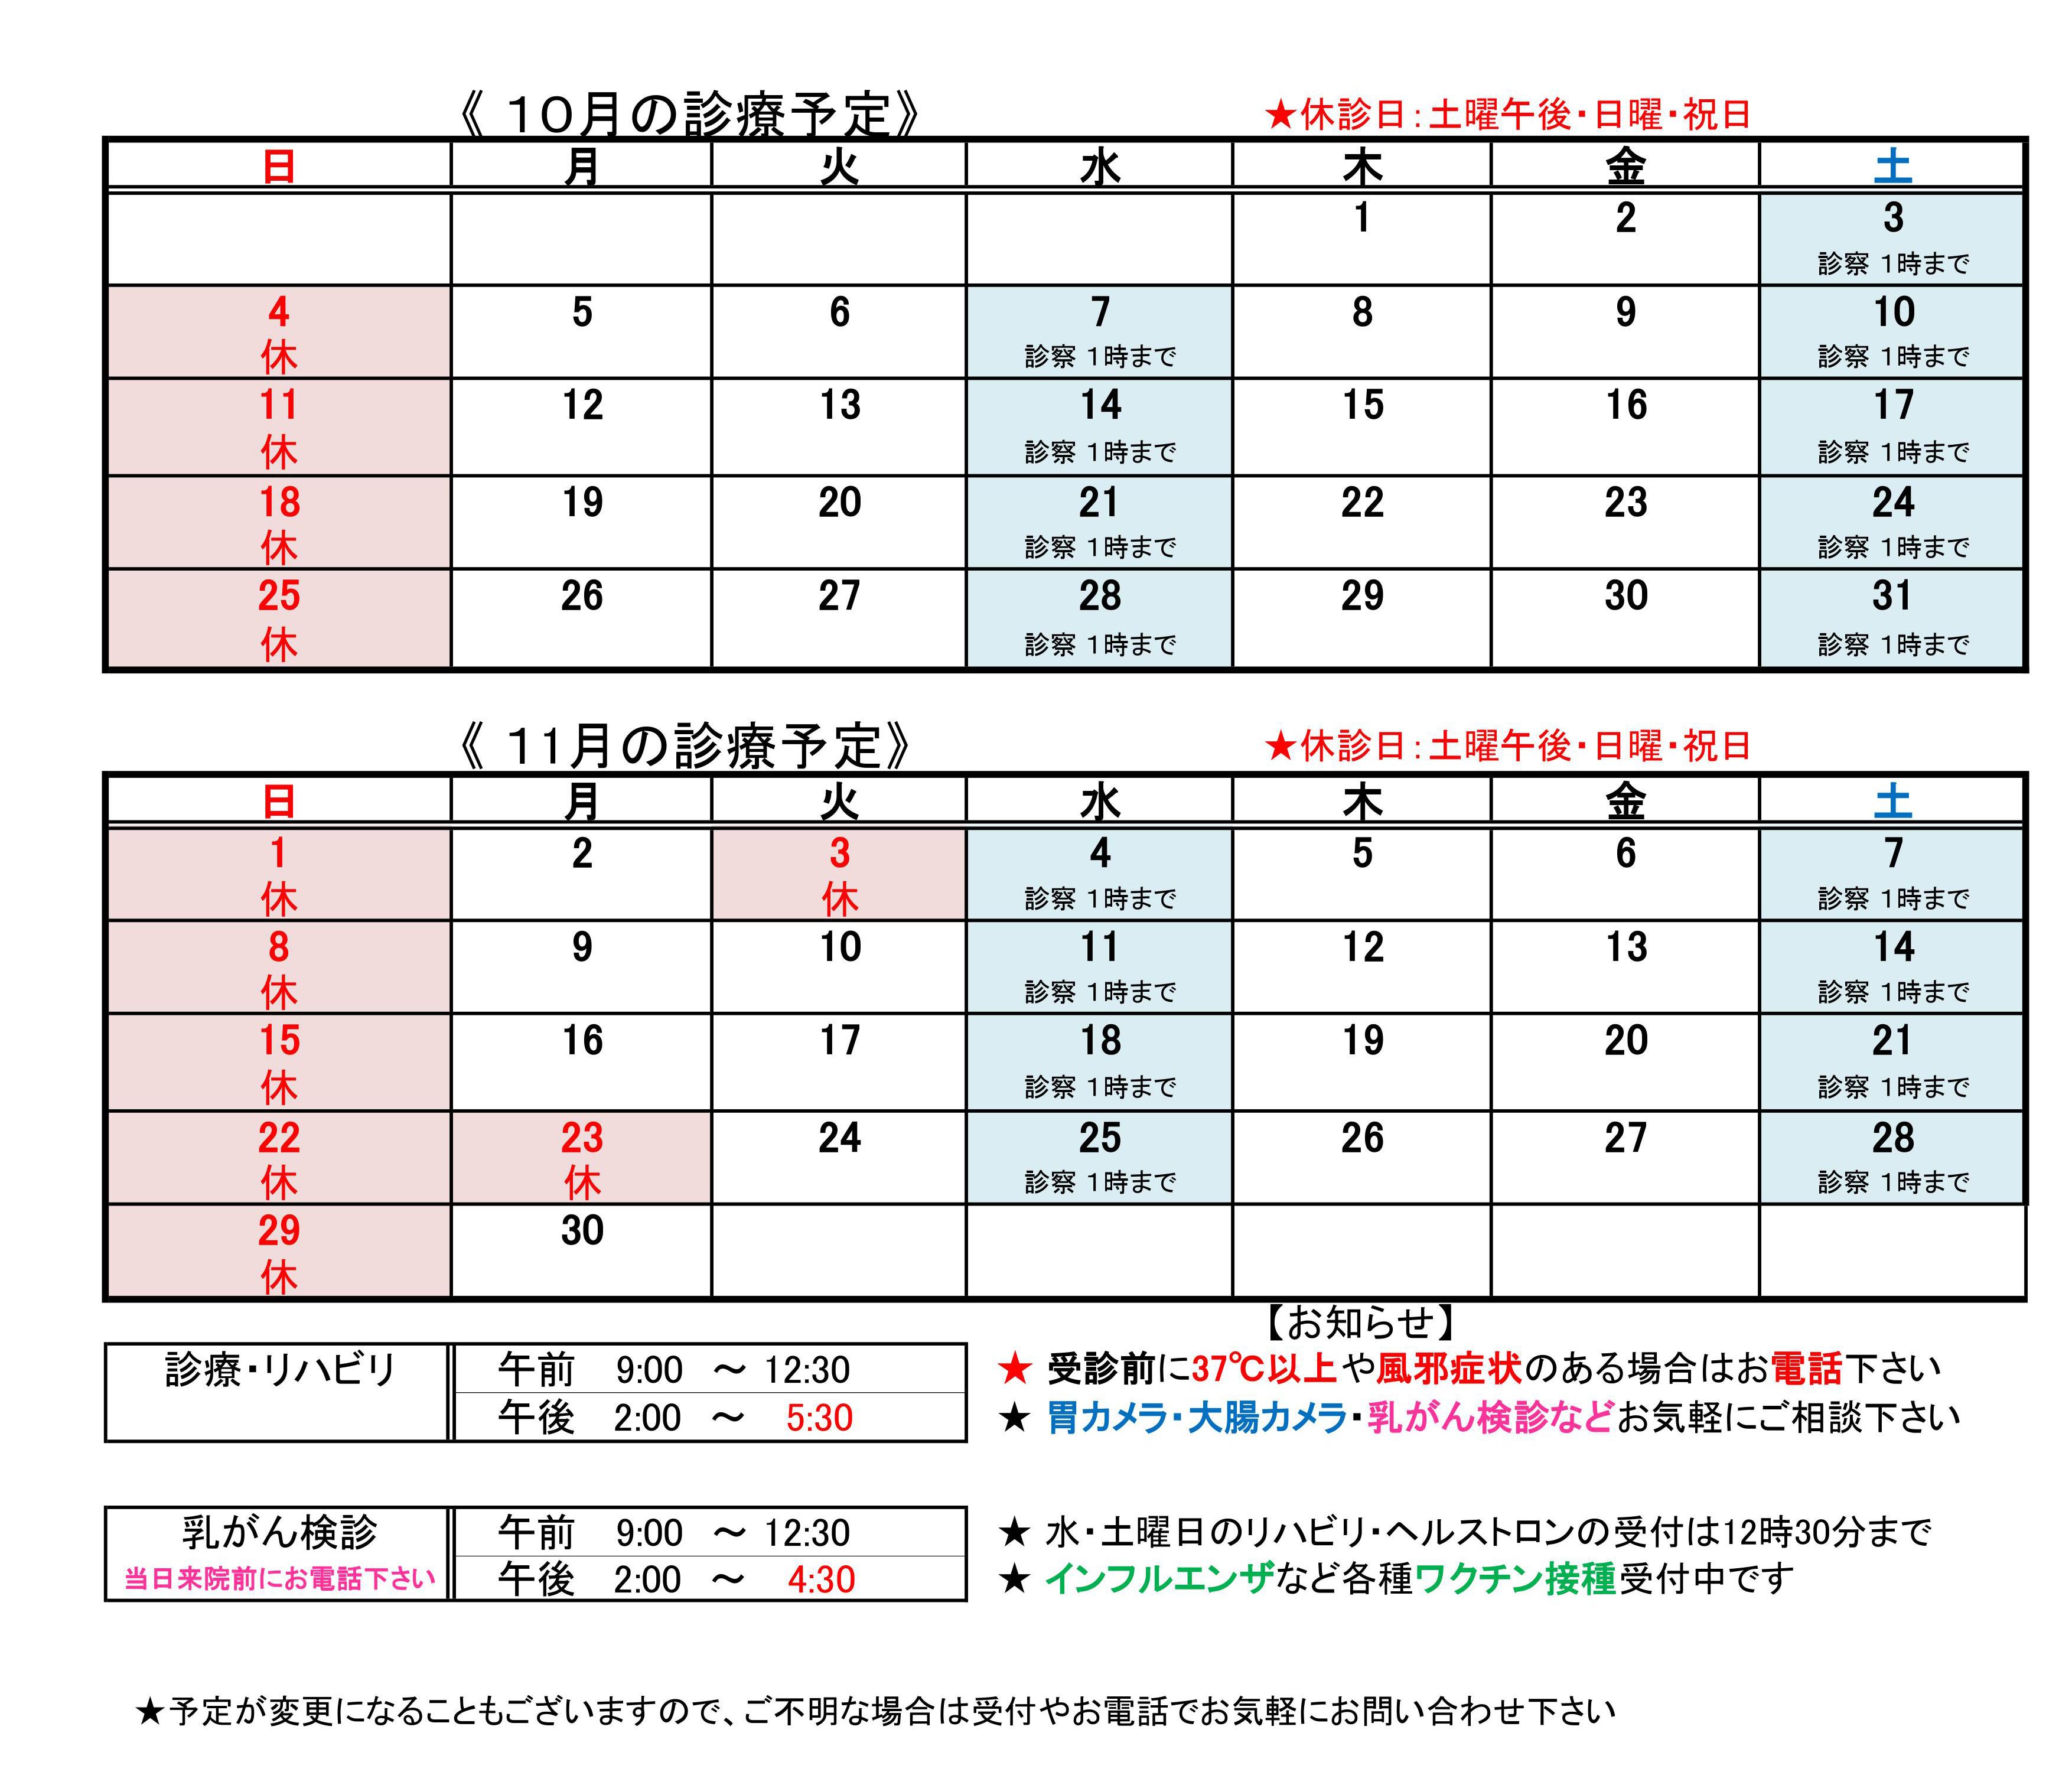 10月・11月の診療予定表